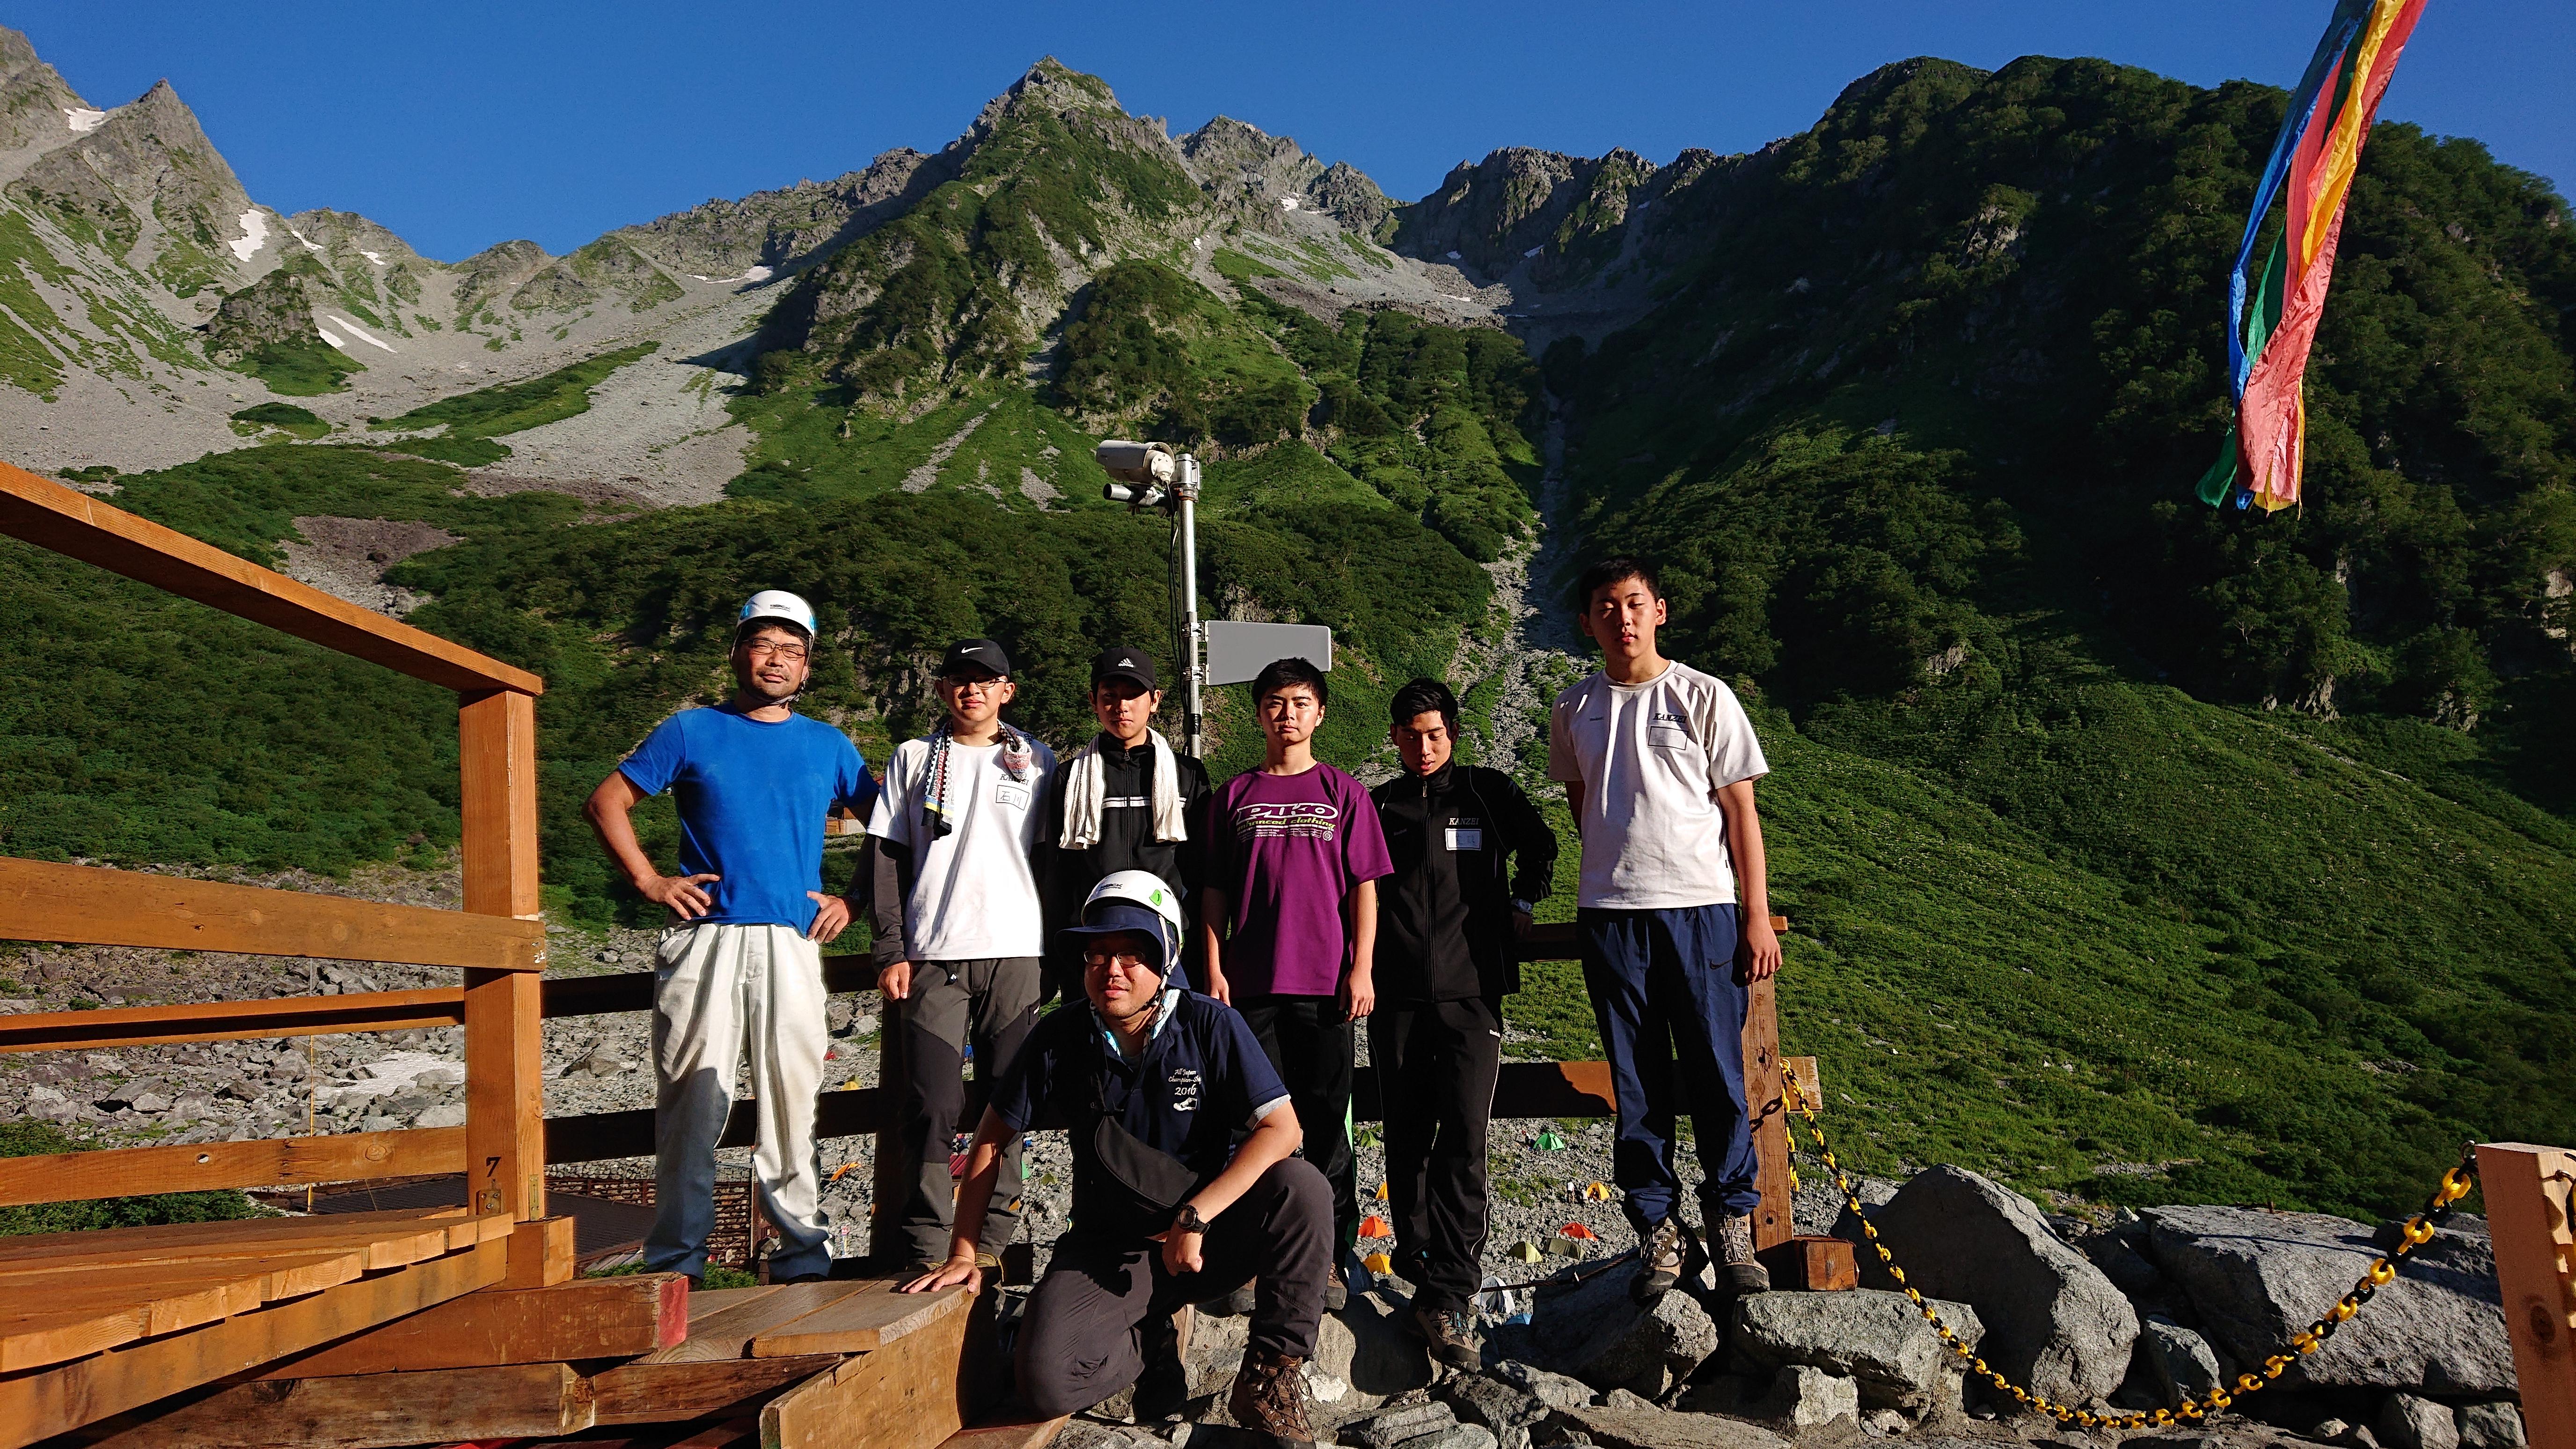 スキー山岳部の夏合宿